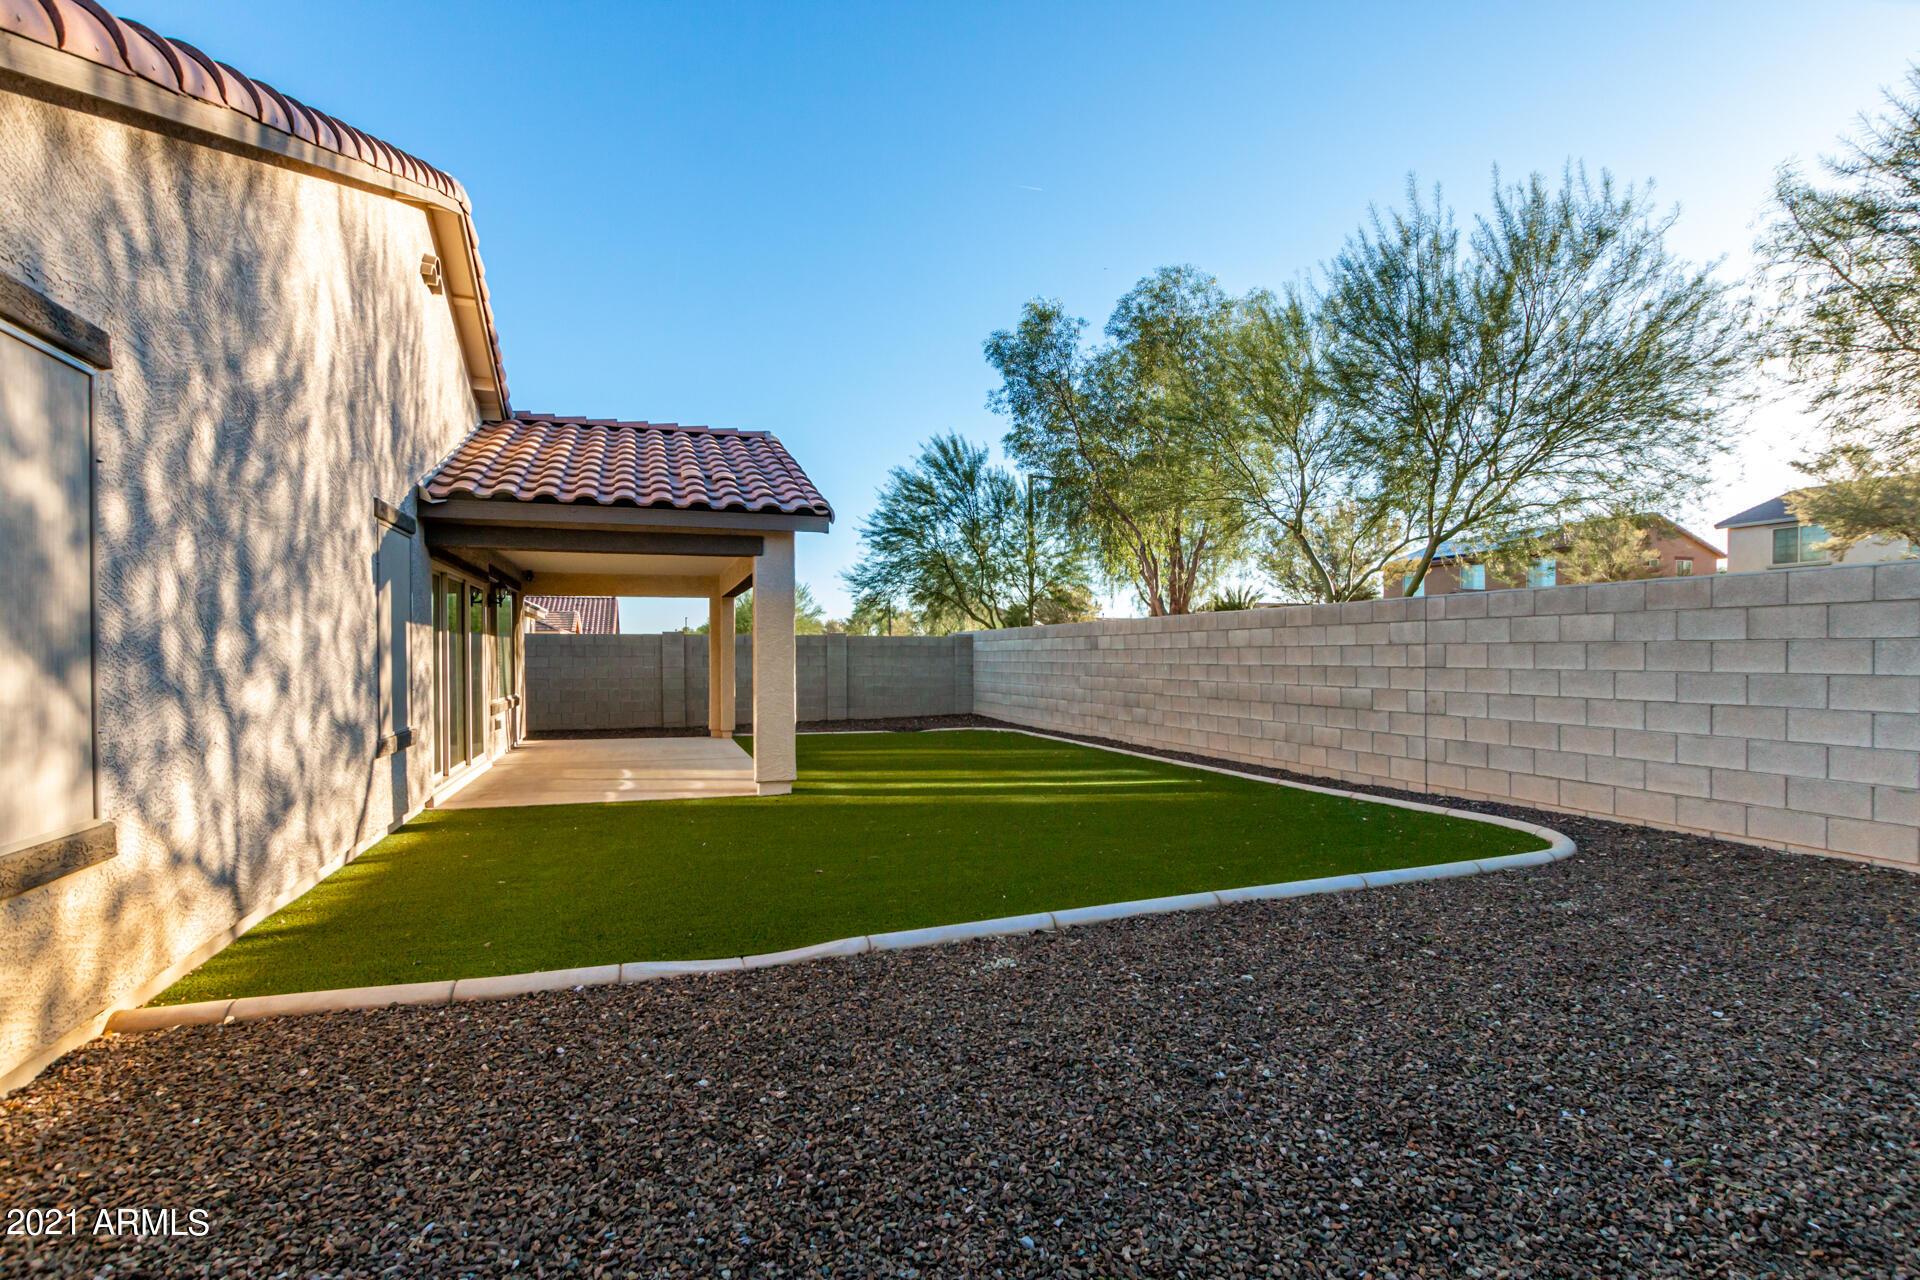 MLS 6298819 27406 N 172ND Avenue, Surprise, AZ 85387 Surprise AZ Desert Oasis